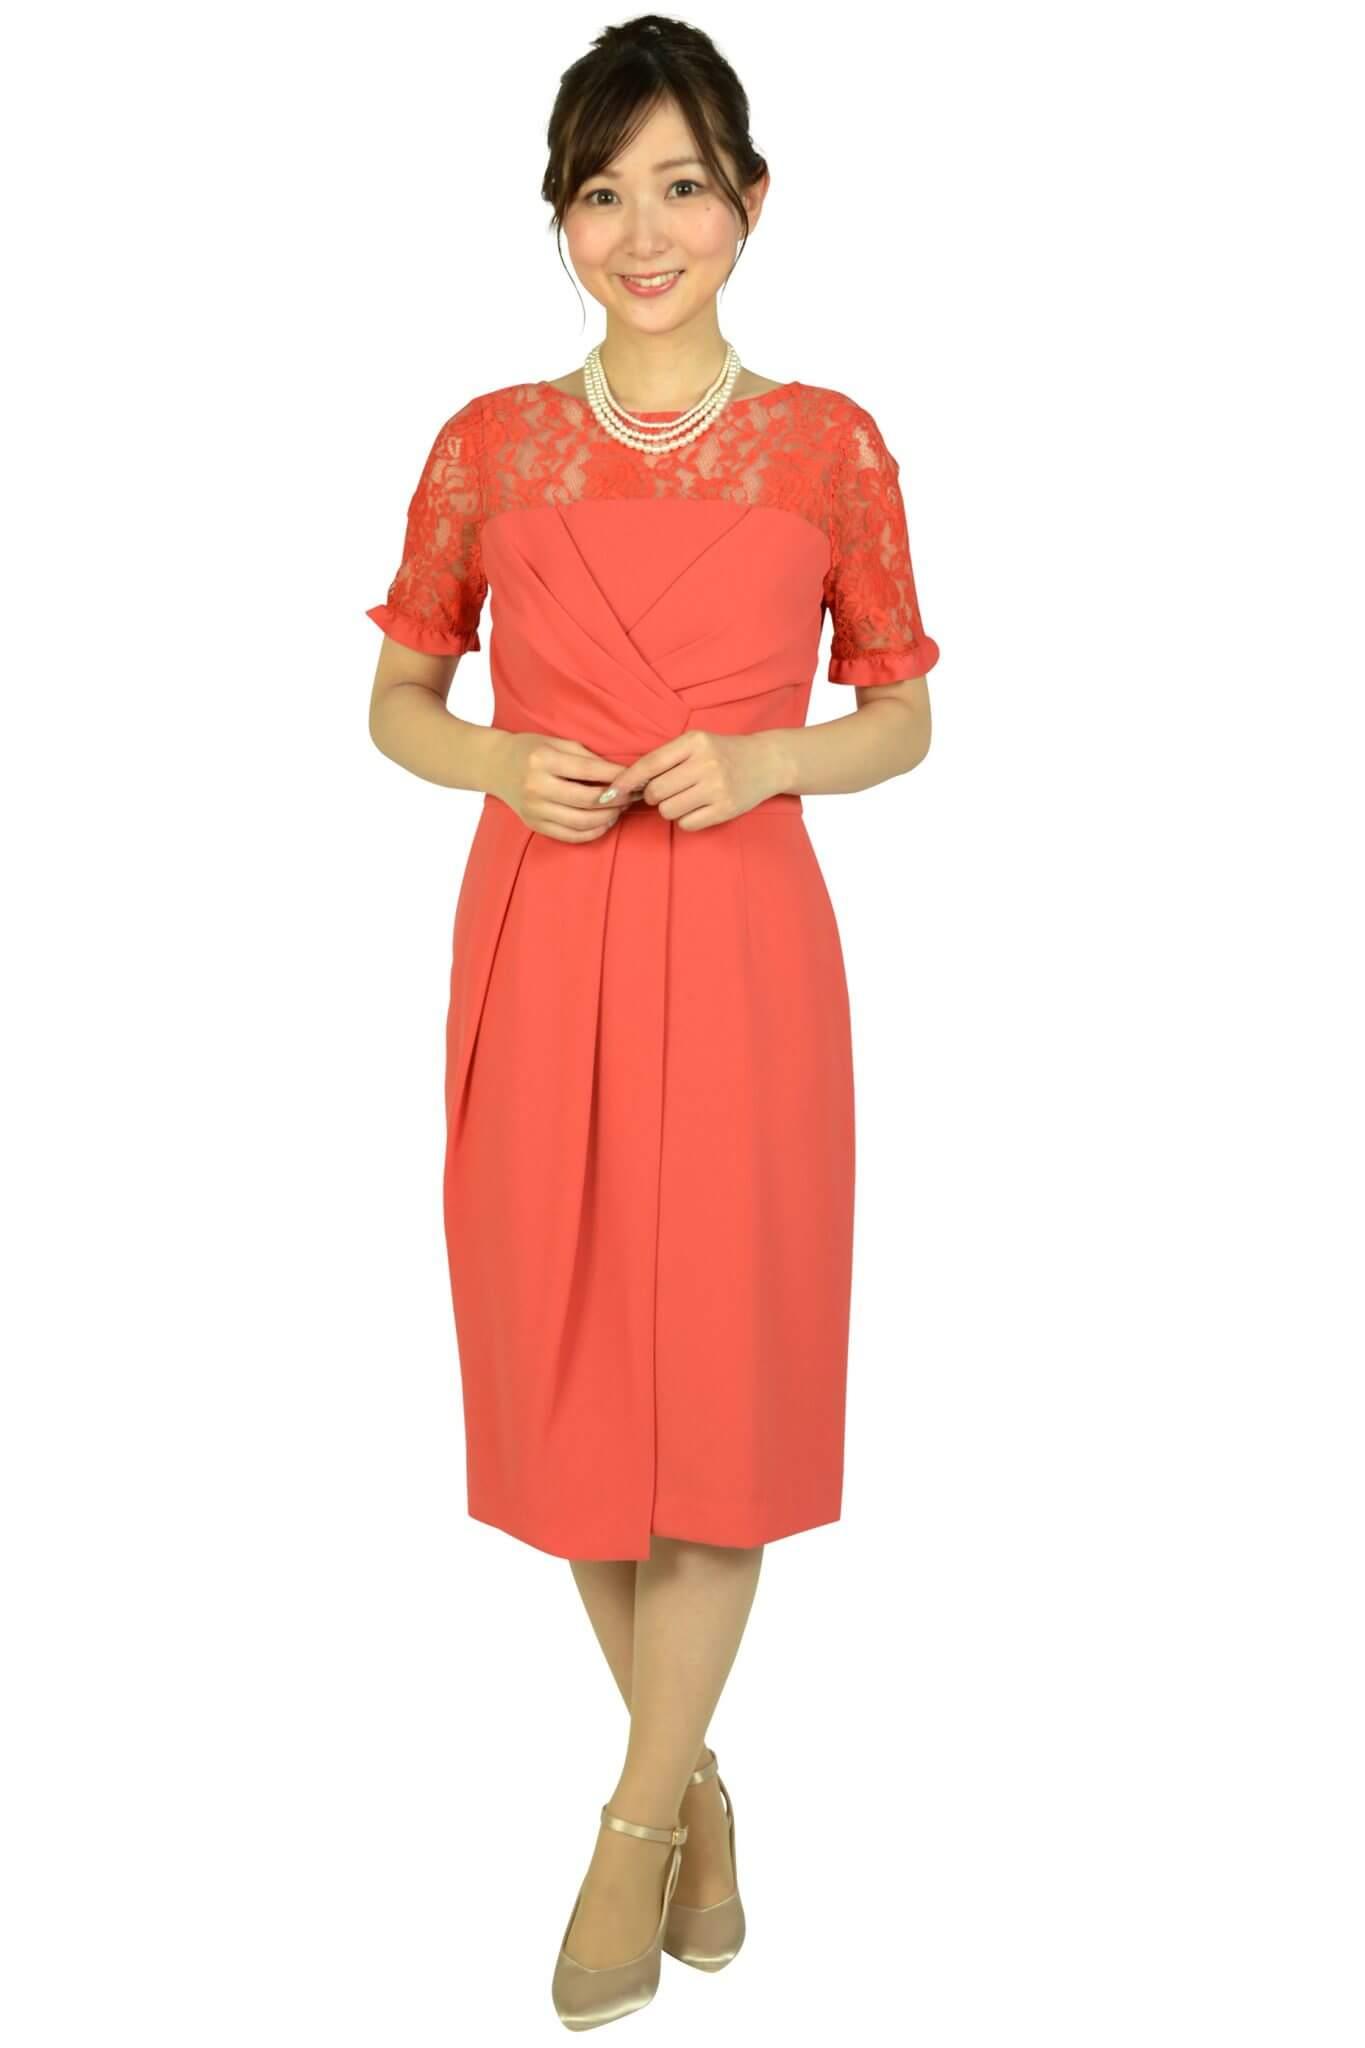 グレースコンチネンタル レースカシュクールコーラルオレンジドレス